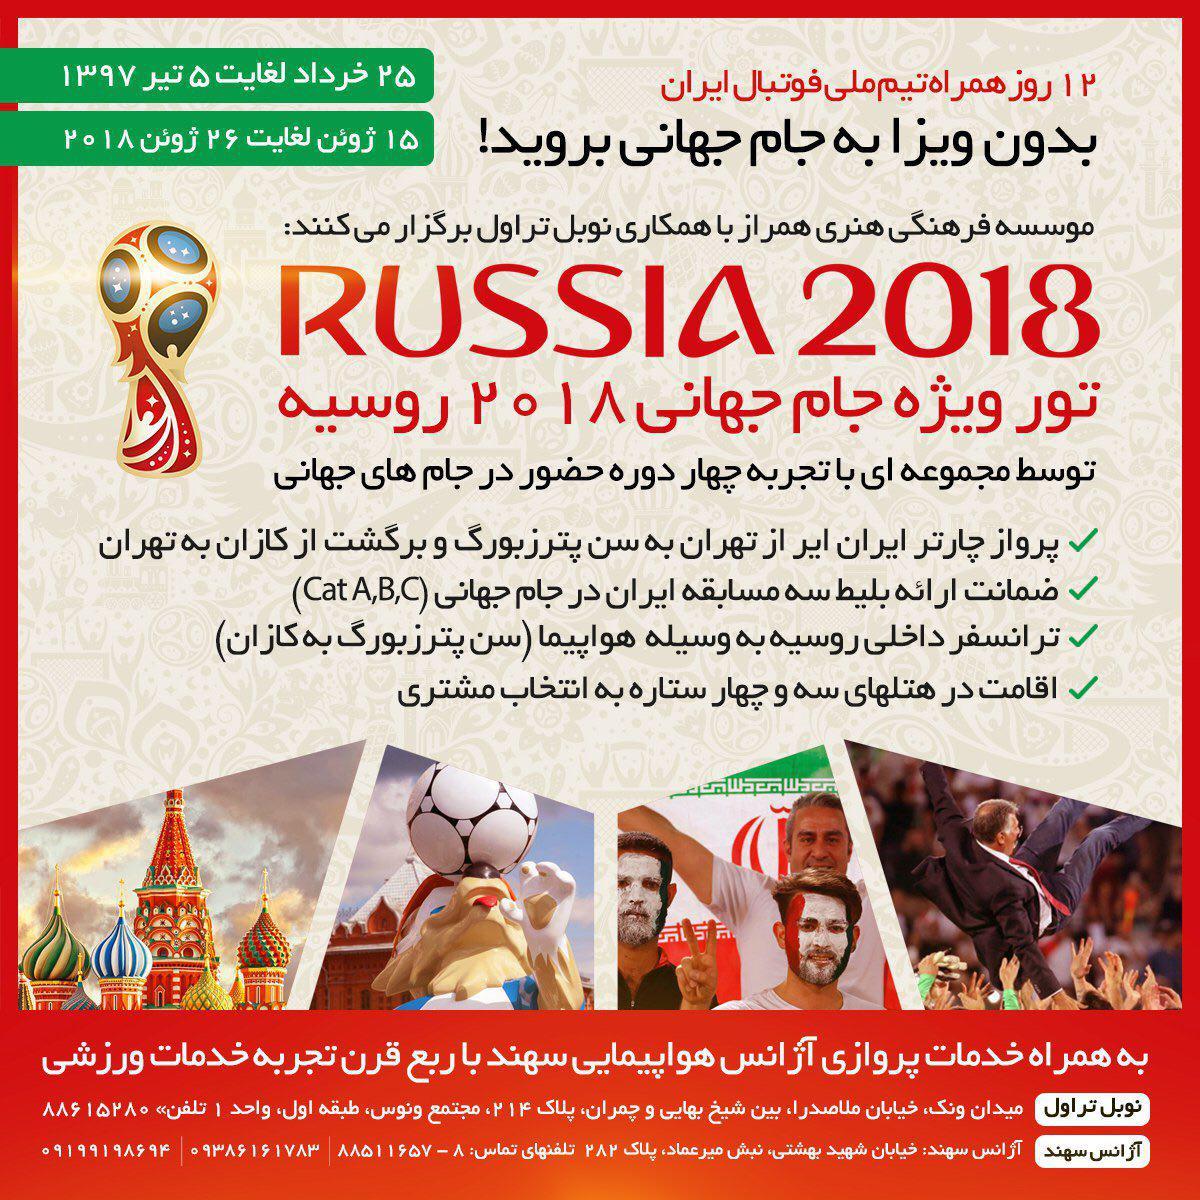 آنهایی که می خواهند به جام جهانی بروند، بخوانند